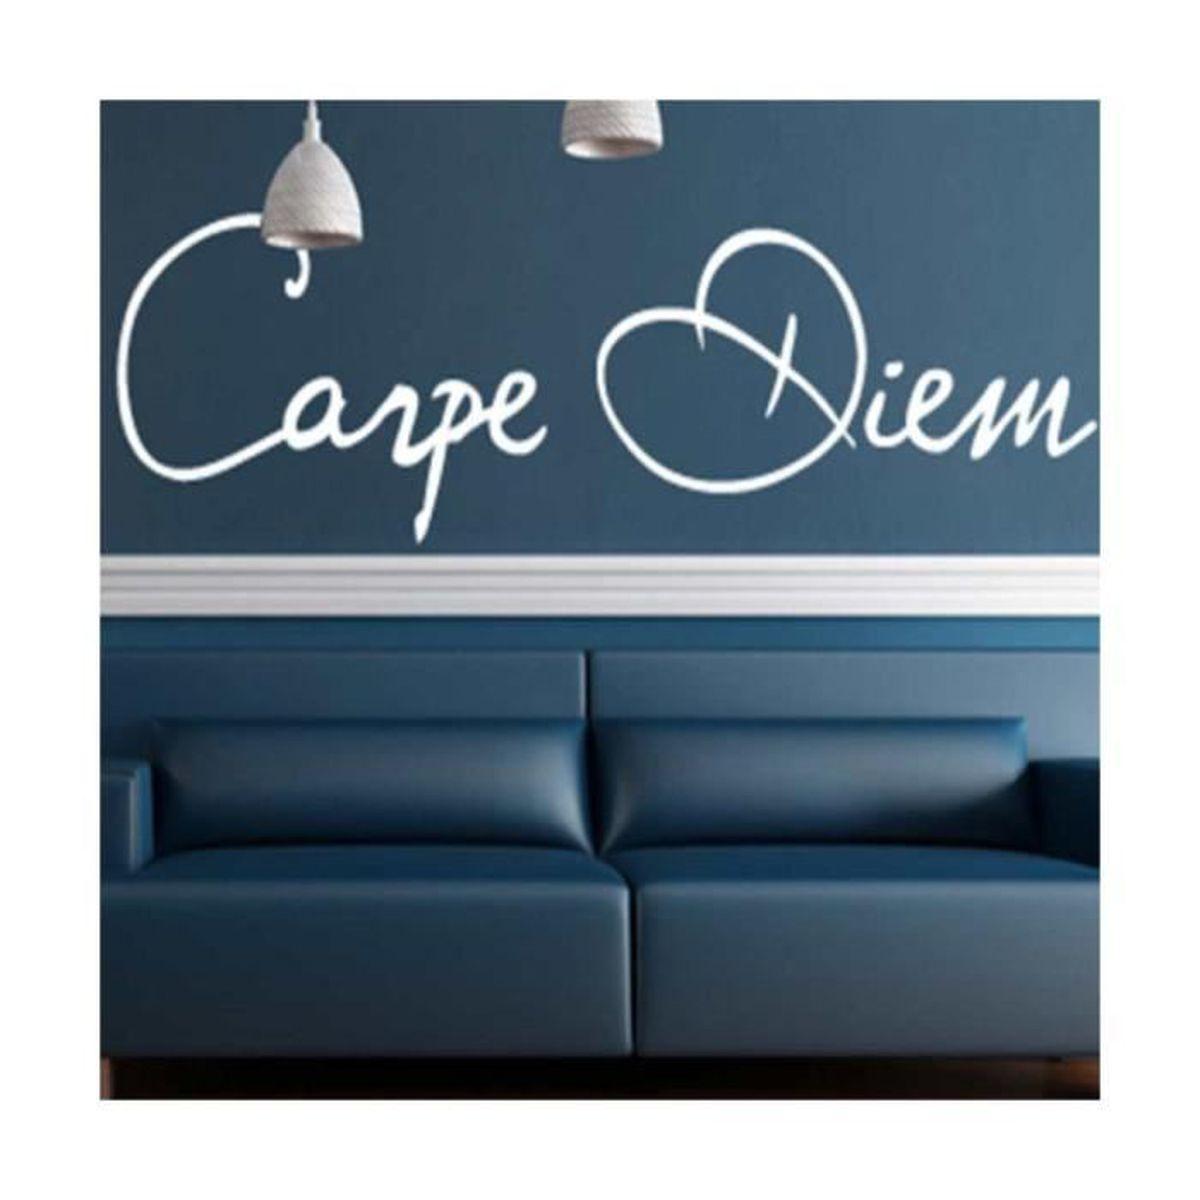 Mural Dicton-Carpe Diem profite du jour Sticker Murale Autocollant